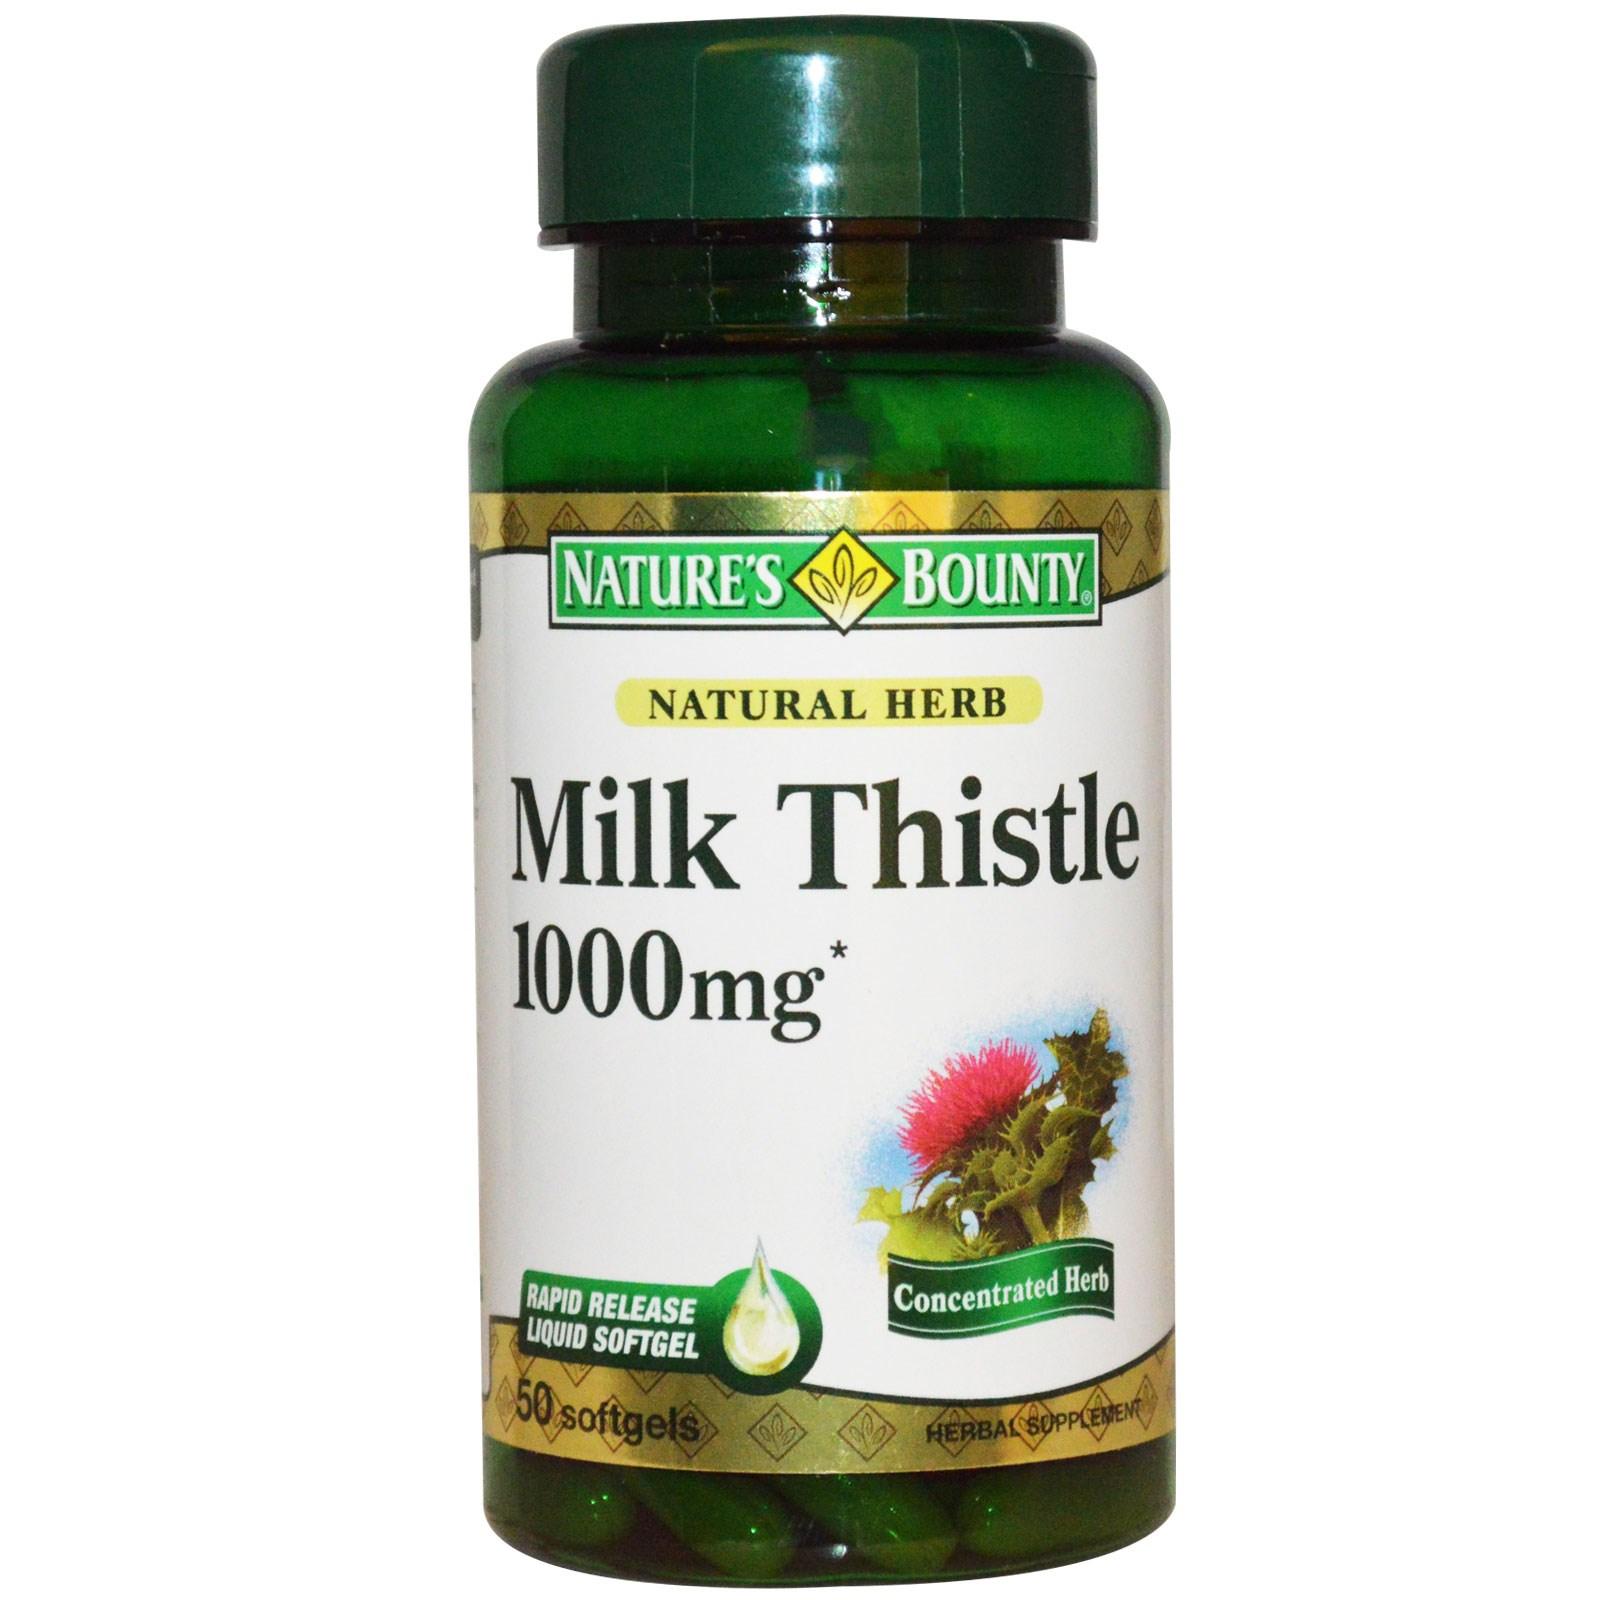 **พร้อมส่งค่ะ** nature's bounty milk thistle 1000 mg 50 softgels